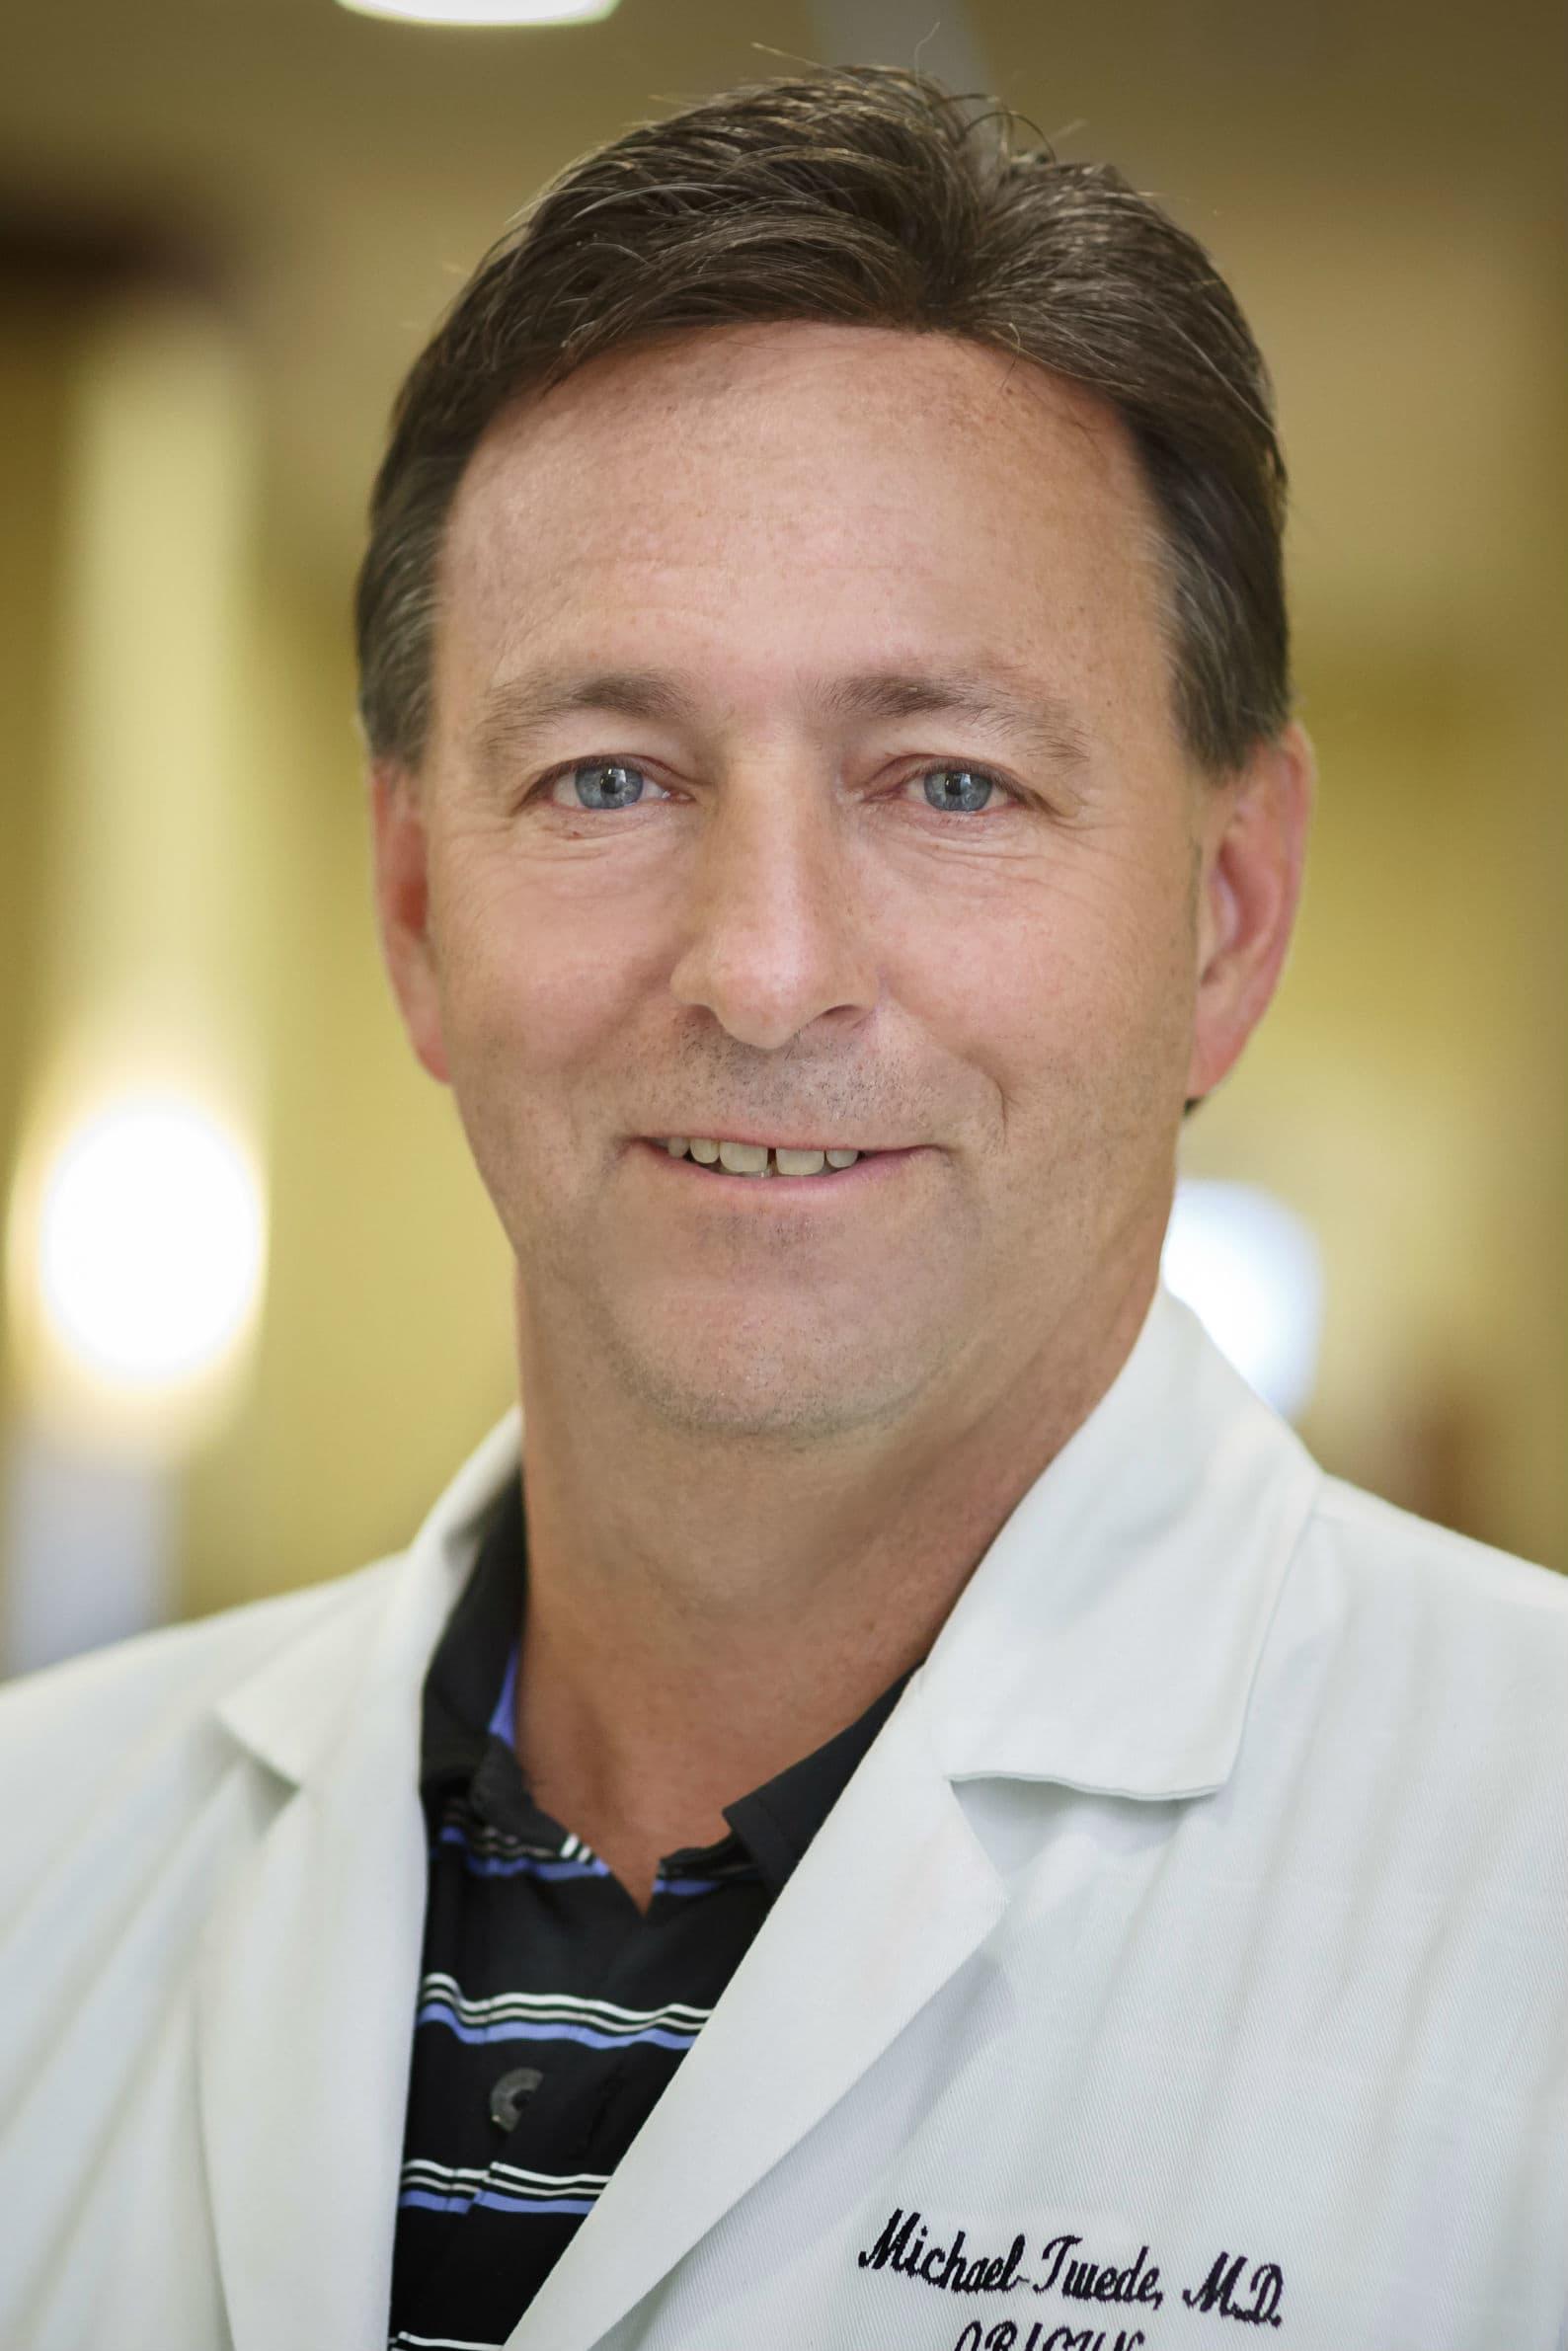 Dr. Michael L Twede MD